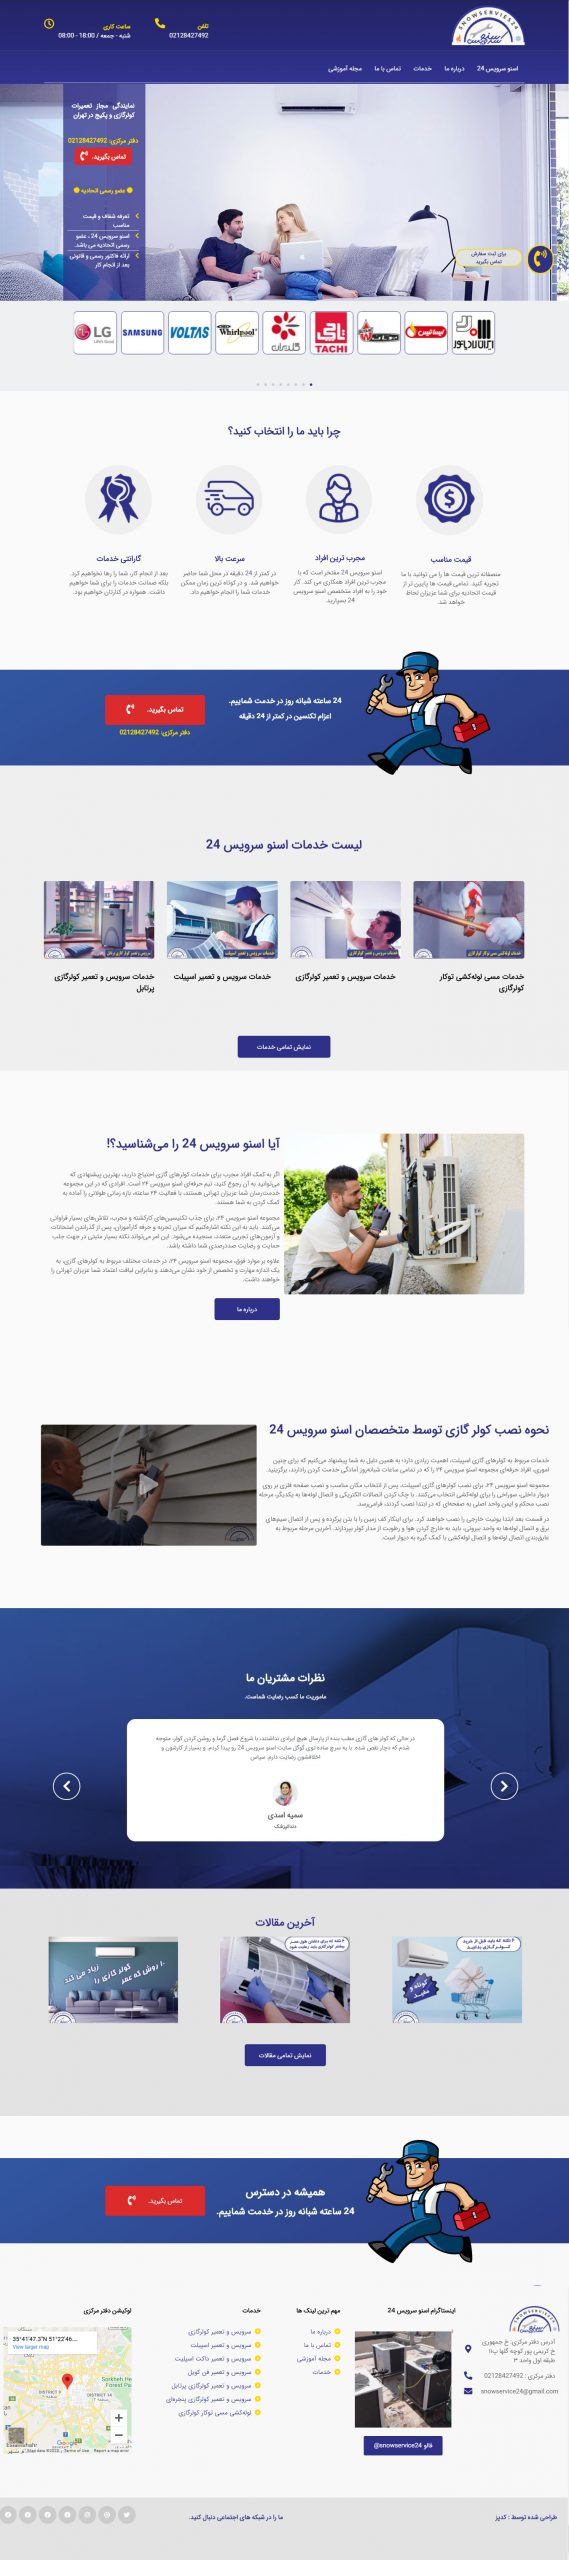 سایت شرکتی اسنو سرویس 24